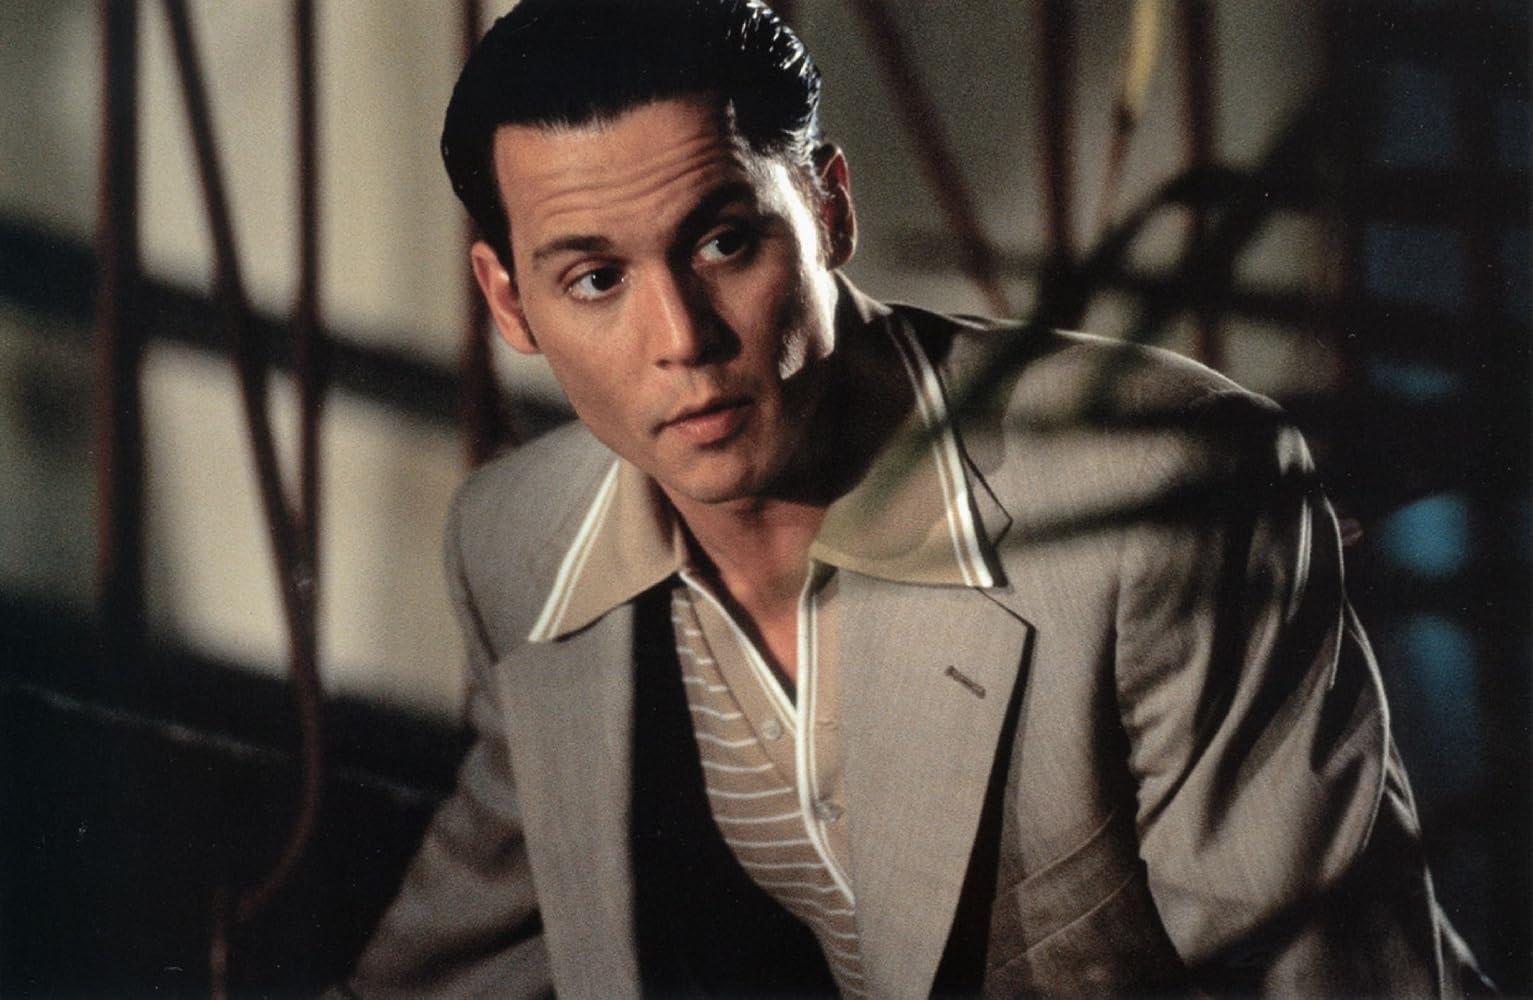 Johnny Depp in Donnie Brasco (1997)